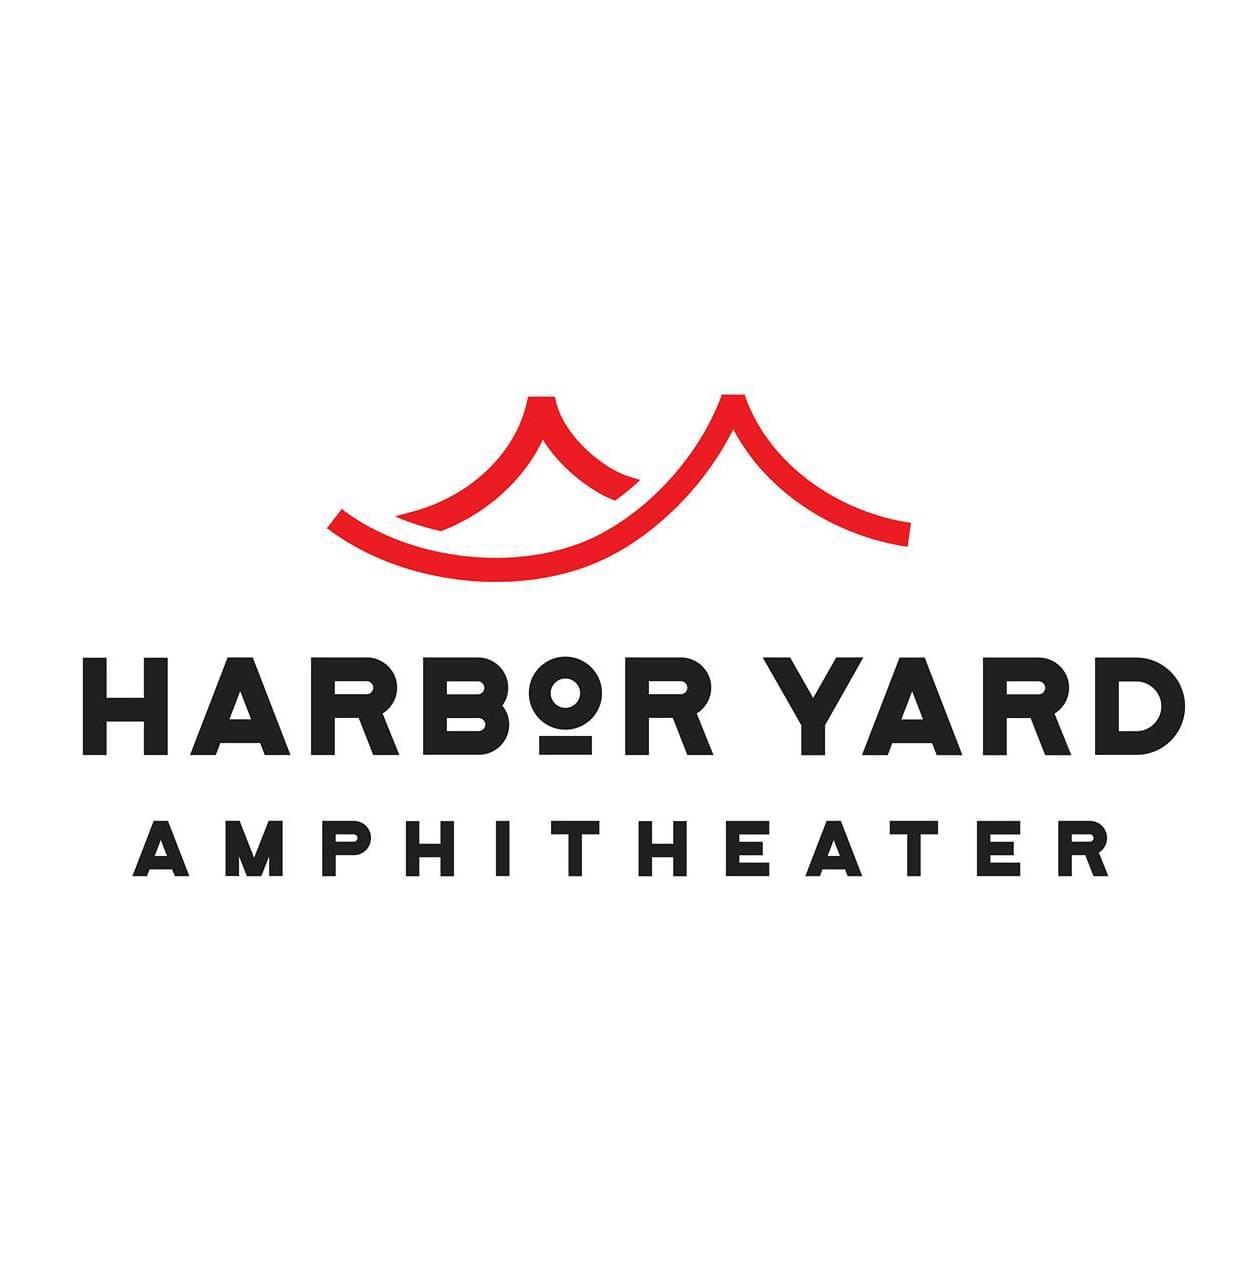 Harbor Yard Amphitheater in Bridgeport Postpones Opening Until 2021